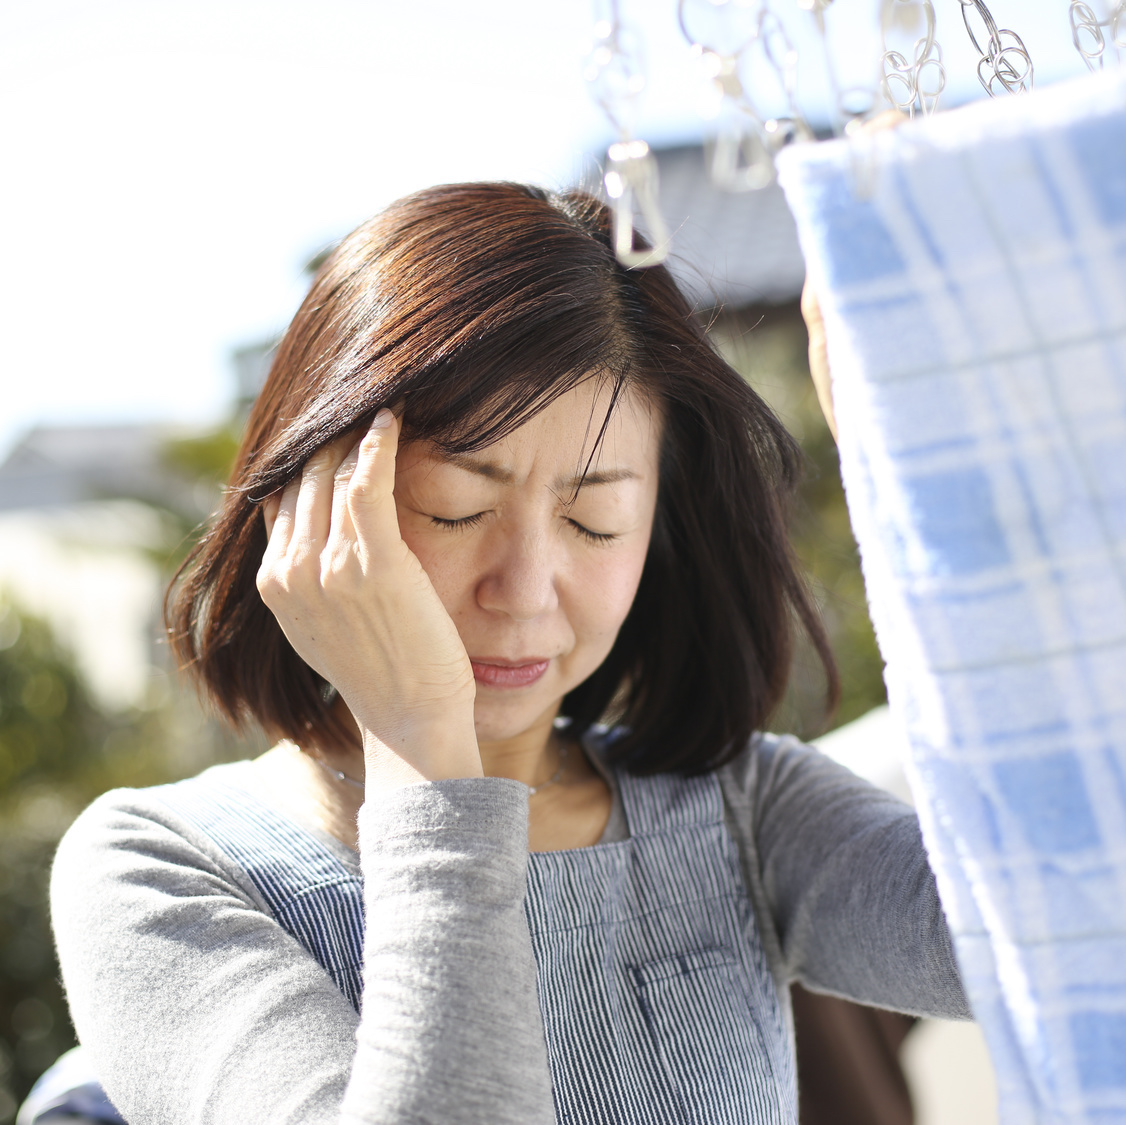 頭痛 花粉 い 症